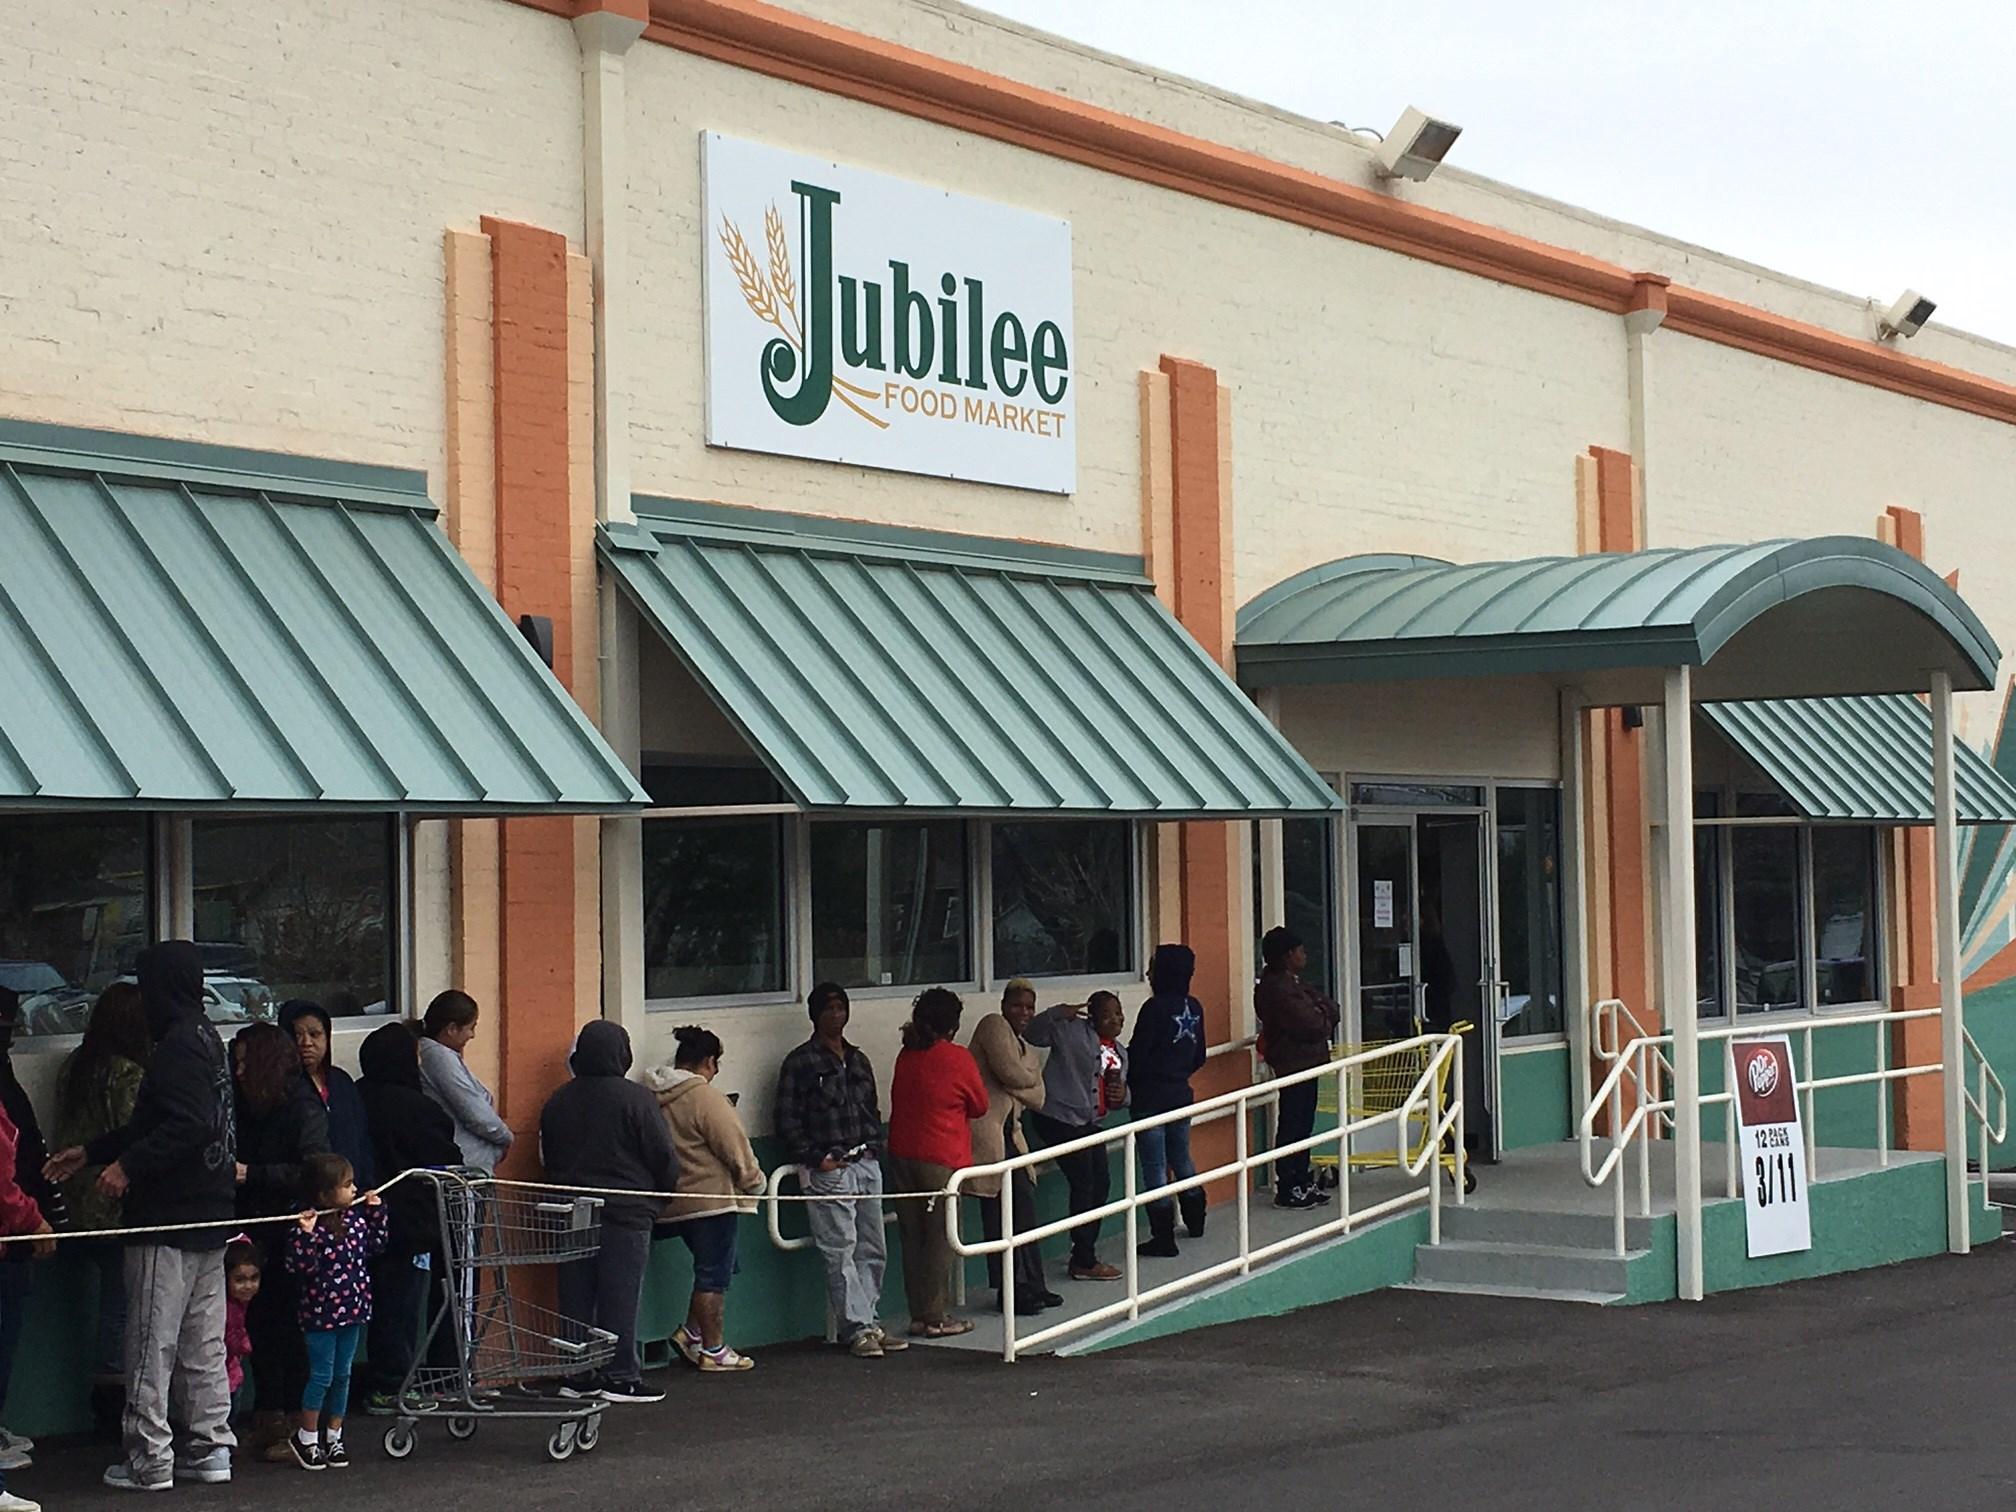 Jubilee Food Market Waco